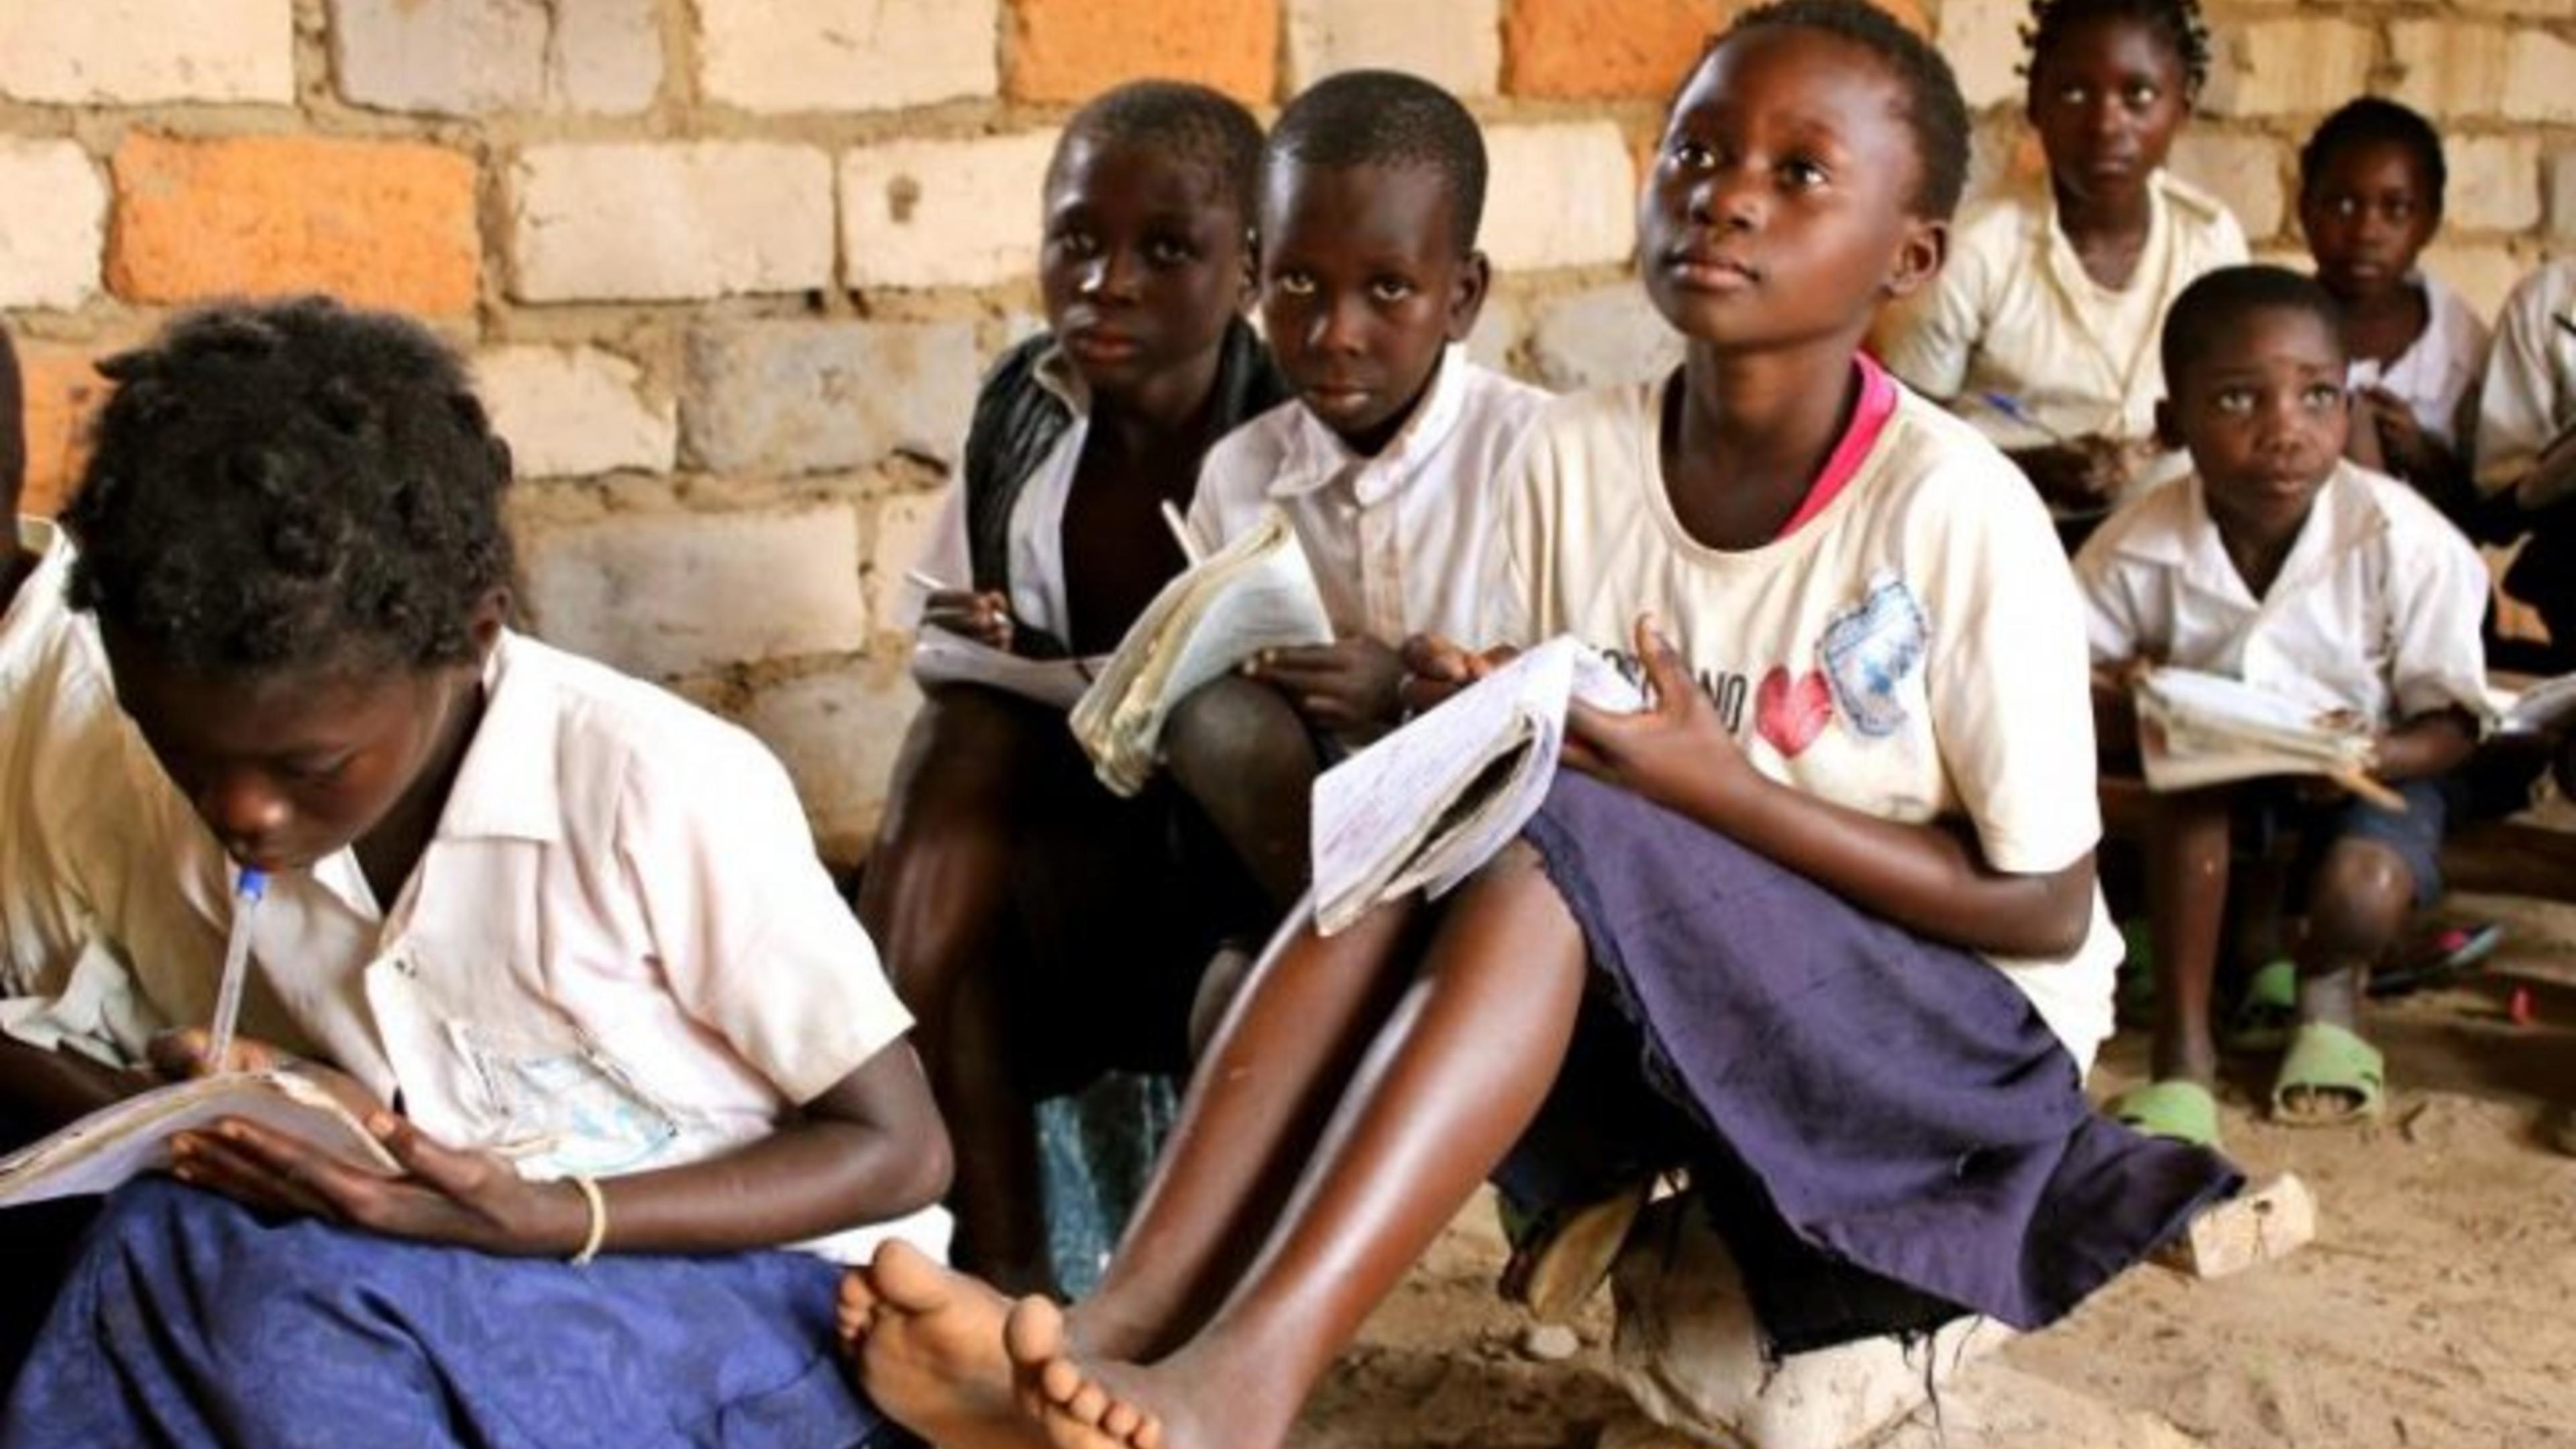 Congo girls